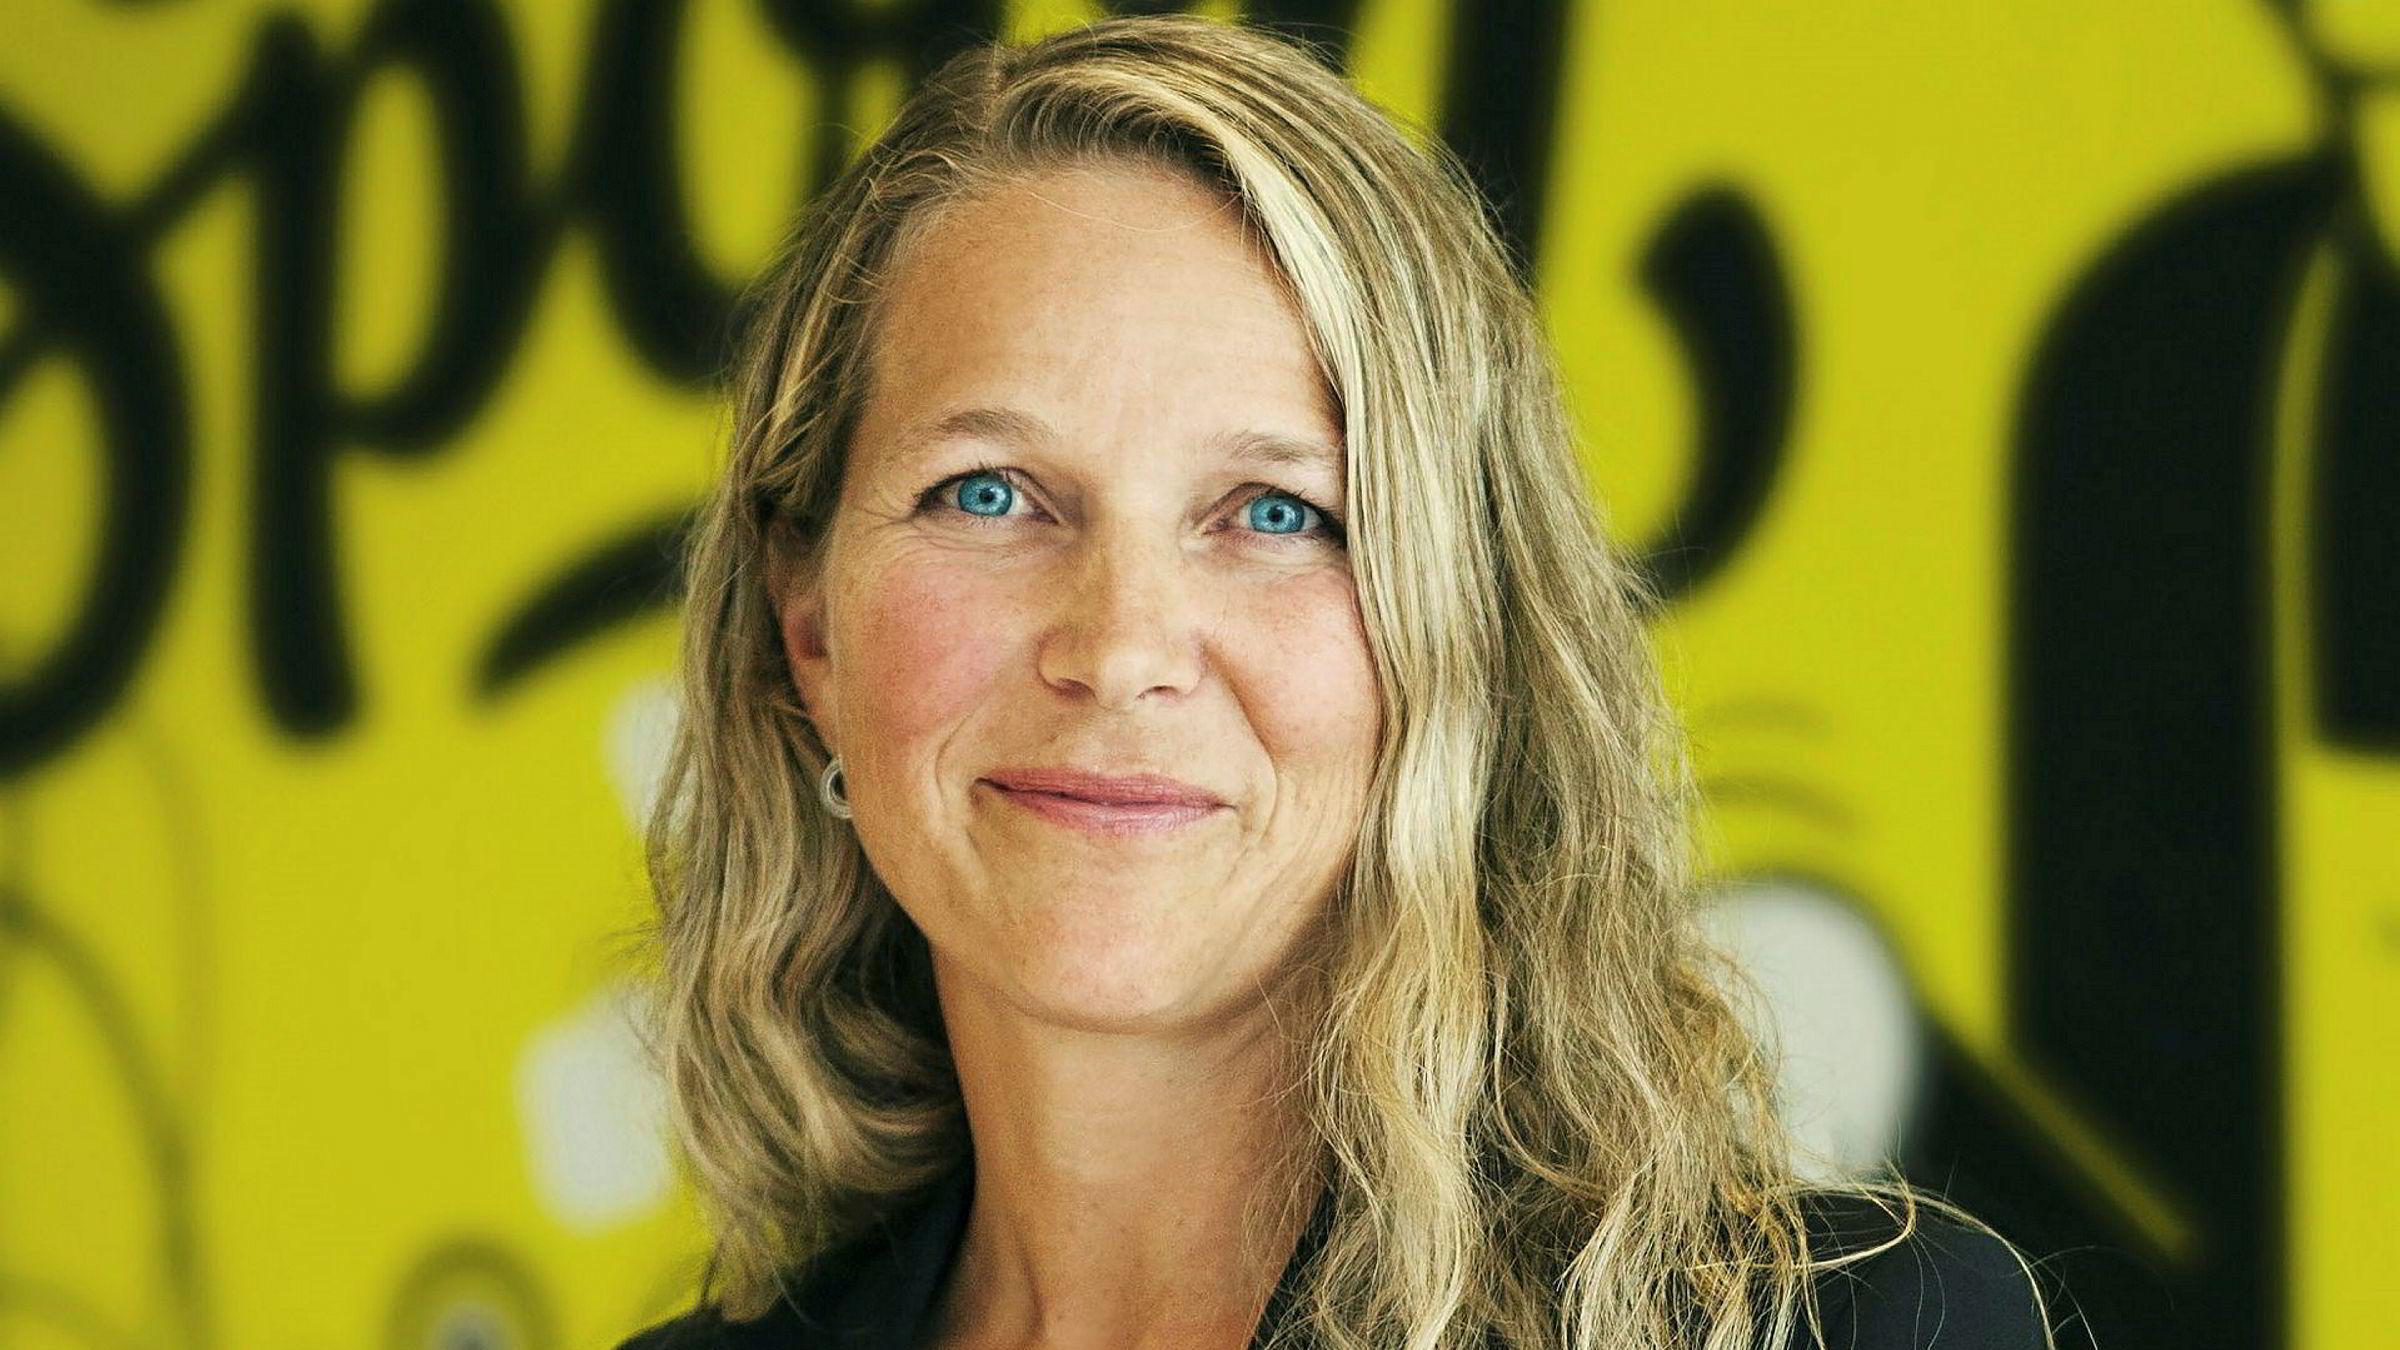 Vi er helt opplagt «hired guns», men det er klart at vi skal ha en etisk refleksjon om hva vi gjør og hvordan vi jobber, skriver Marte Ramborg, byråleder i Spoon, i et svar til Karl-Fredrik Tangen.